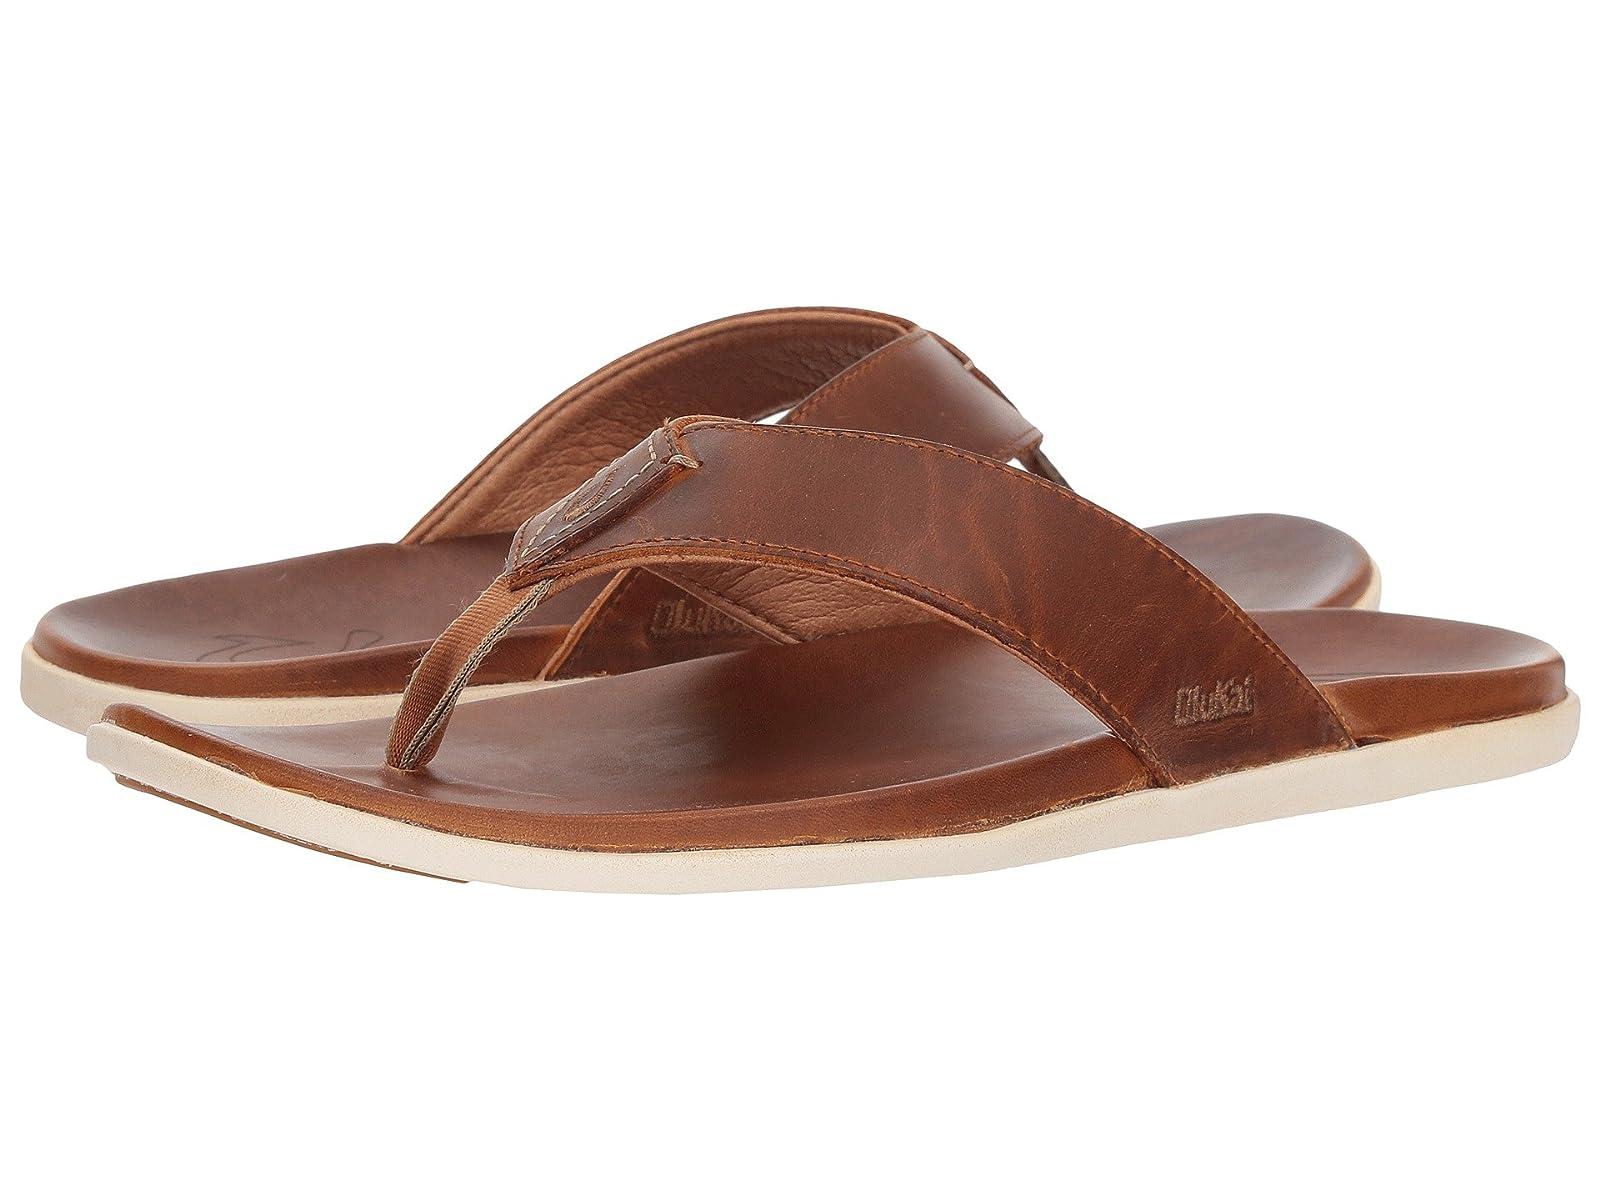 OluKai Nalukai SandalAtmospheric grades have affordable shoes